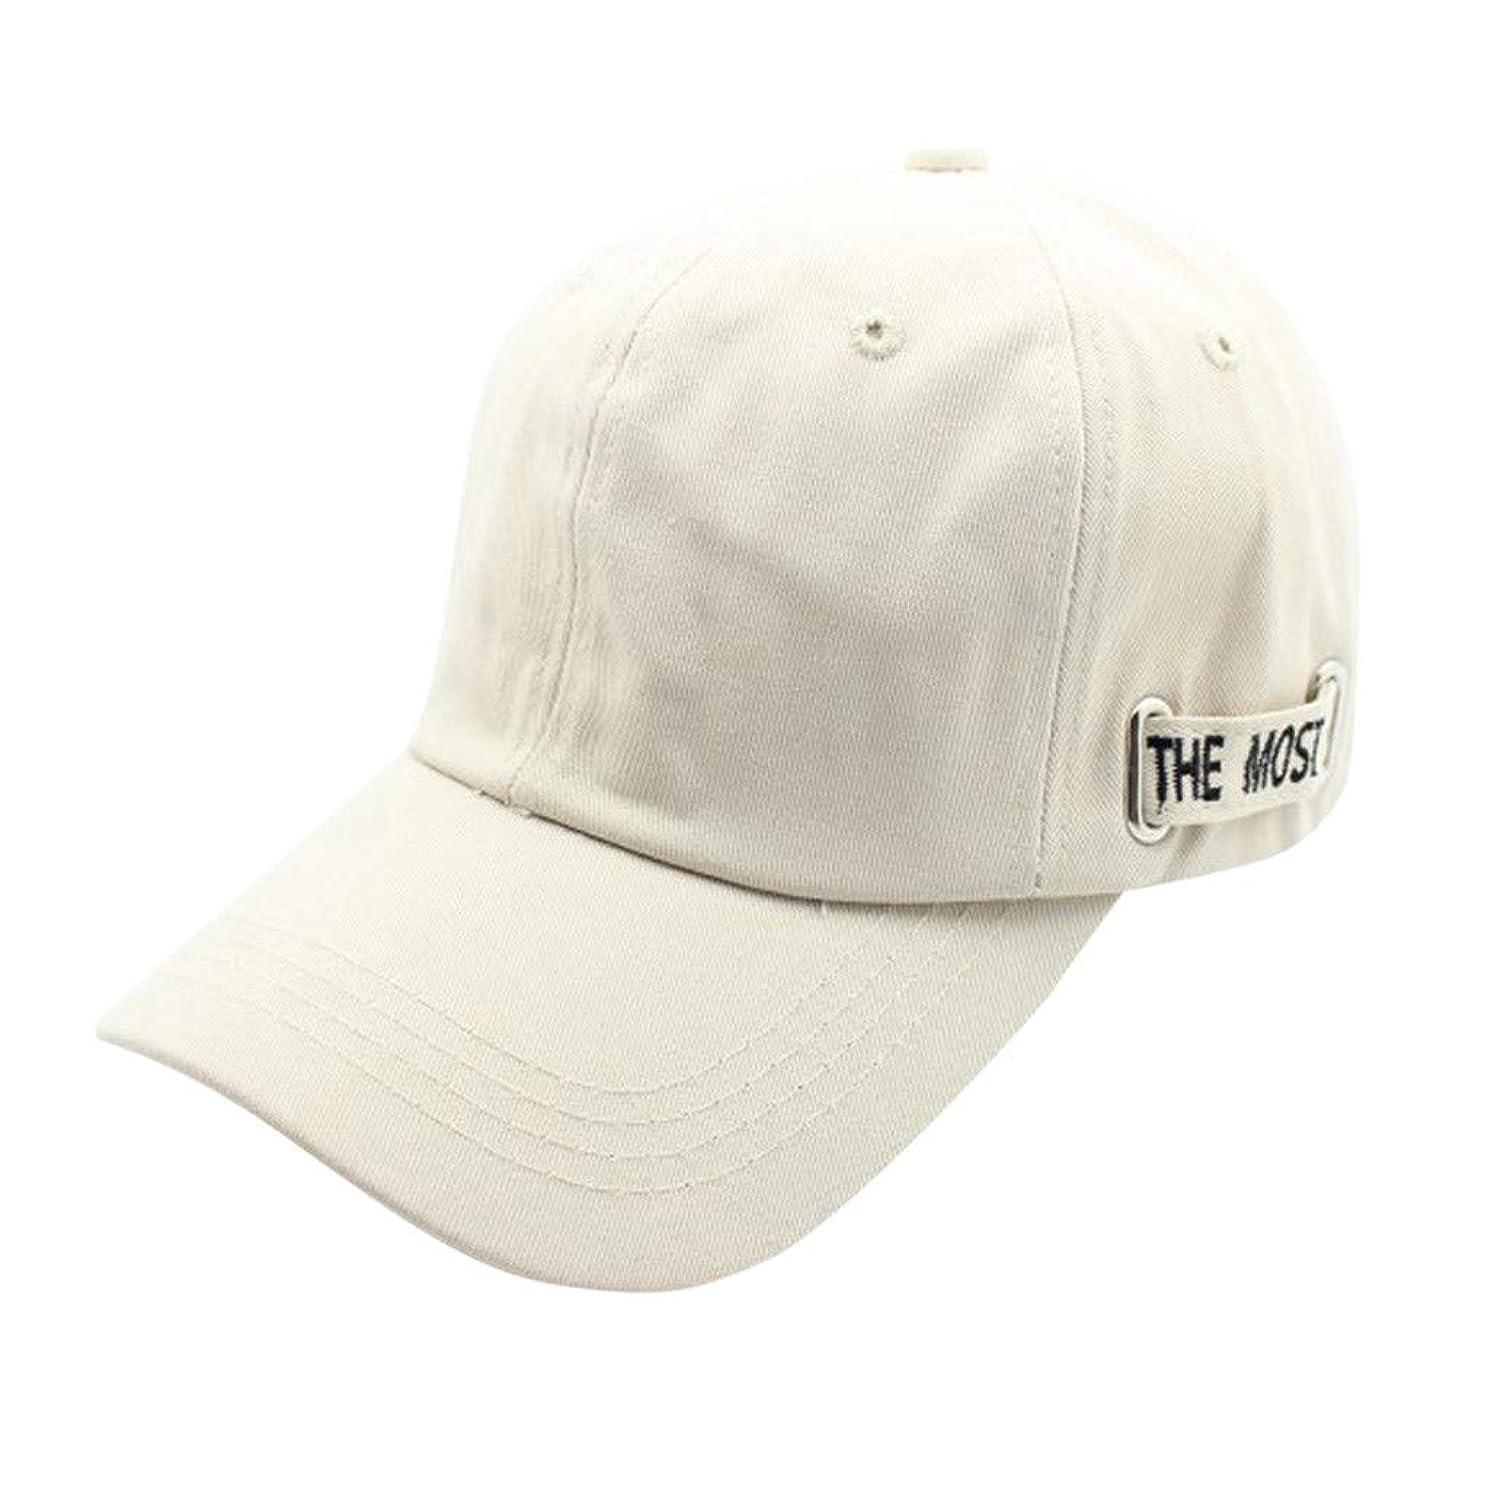 間欠不機嫌ケーキ野球帽 Hodarey 刺繍 英語文ファッション男性と女性 カジュアル 帽子 おしゃれ 太陽の帽子 野球帽 UVカットボーター帽 ハット 日よけ 紫外線対策 折りたたみ 夏太陽 帽子 携帯便利 アウトドア キャップ 麦わら帽子登山 旅行 日除け帽子